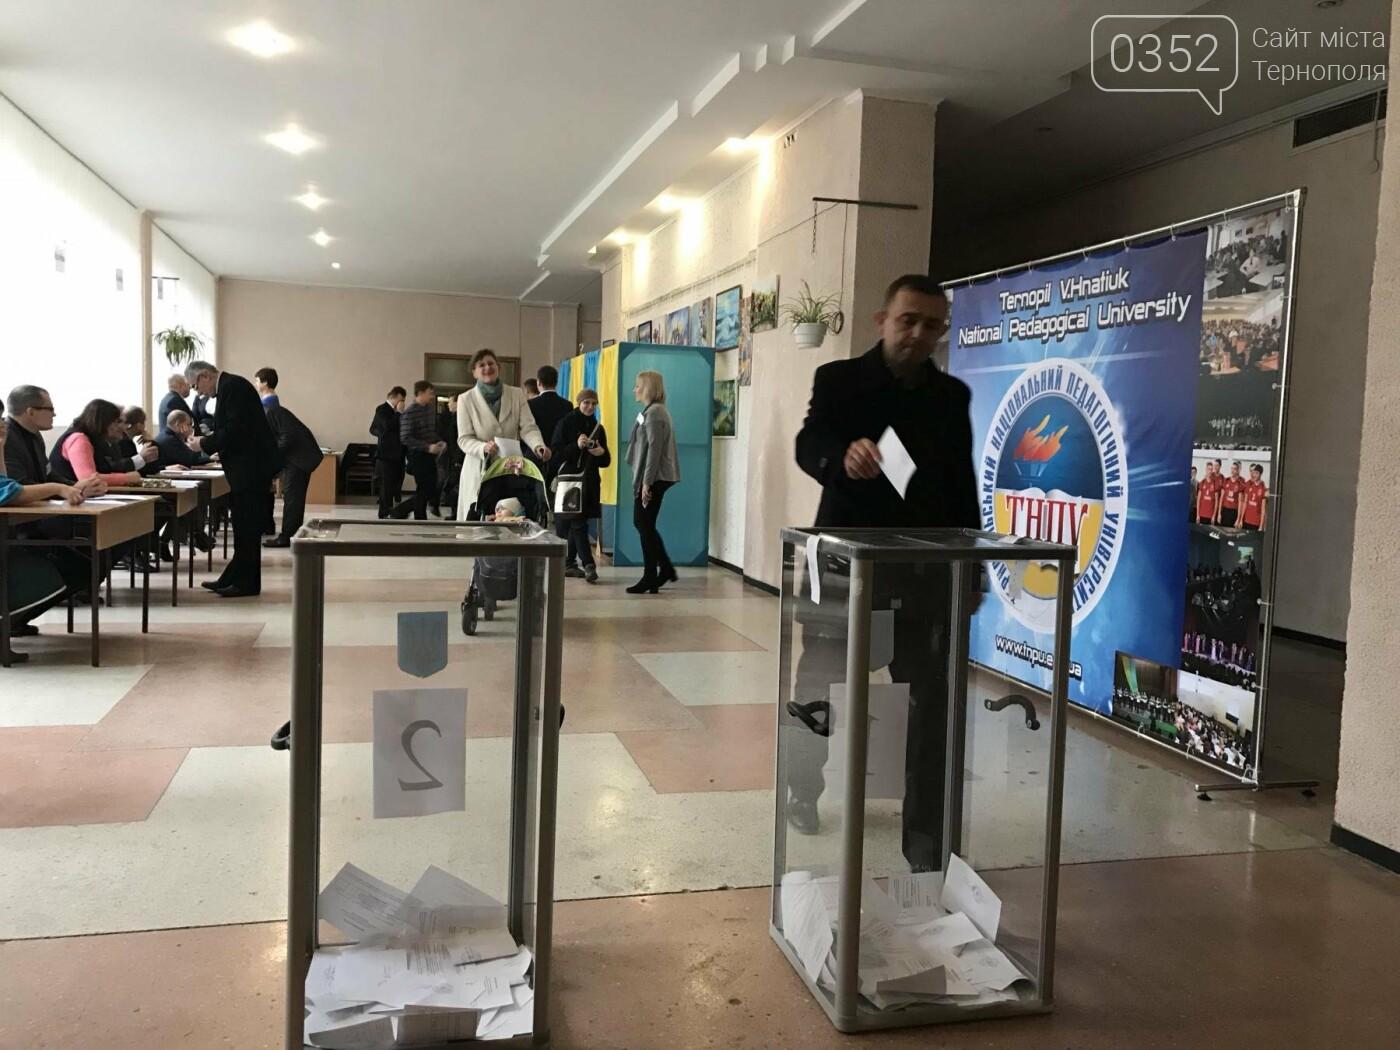 У Тернополі сьогодні відбуваються вибори (Фото), фото-4